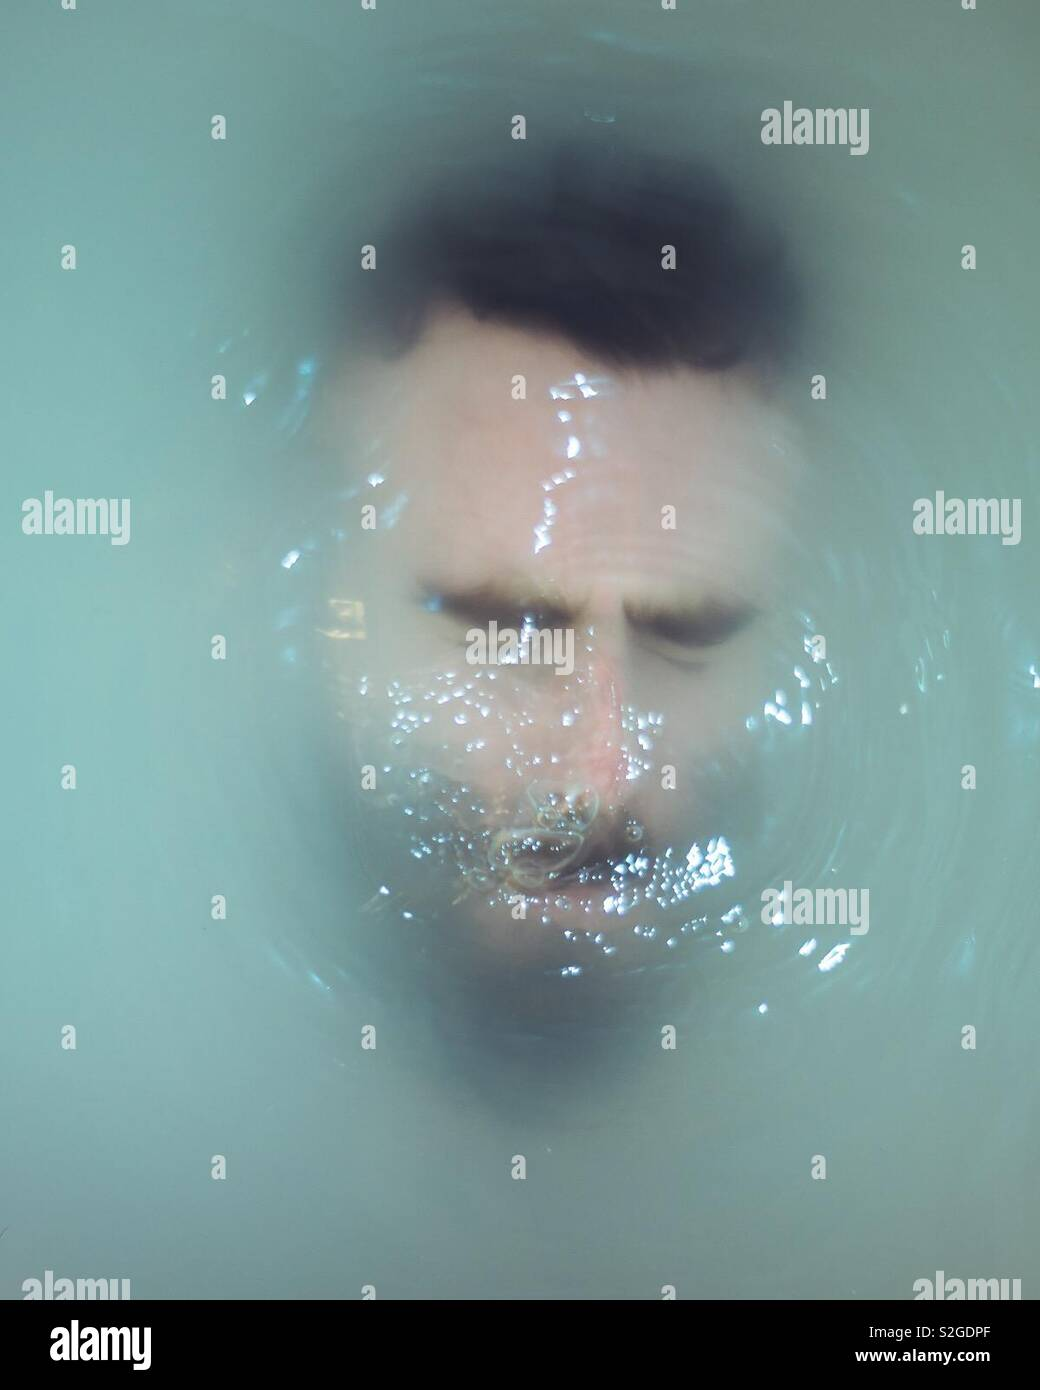 Chico con barba y ojos cerrados está sumergido bajo el agua de color lechoso. Foto de stock